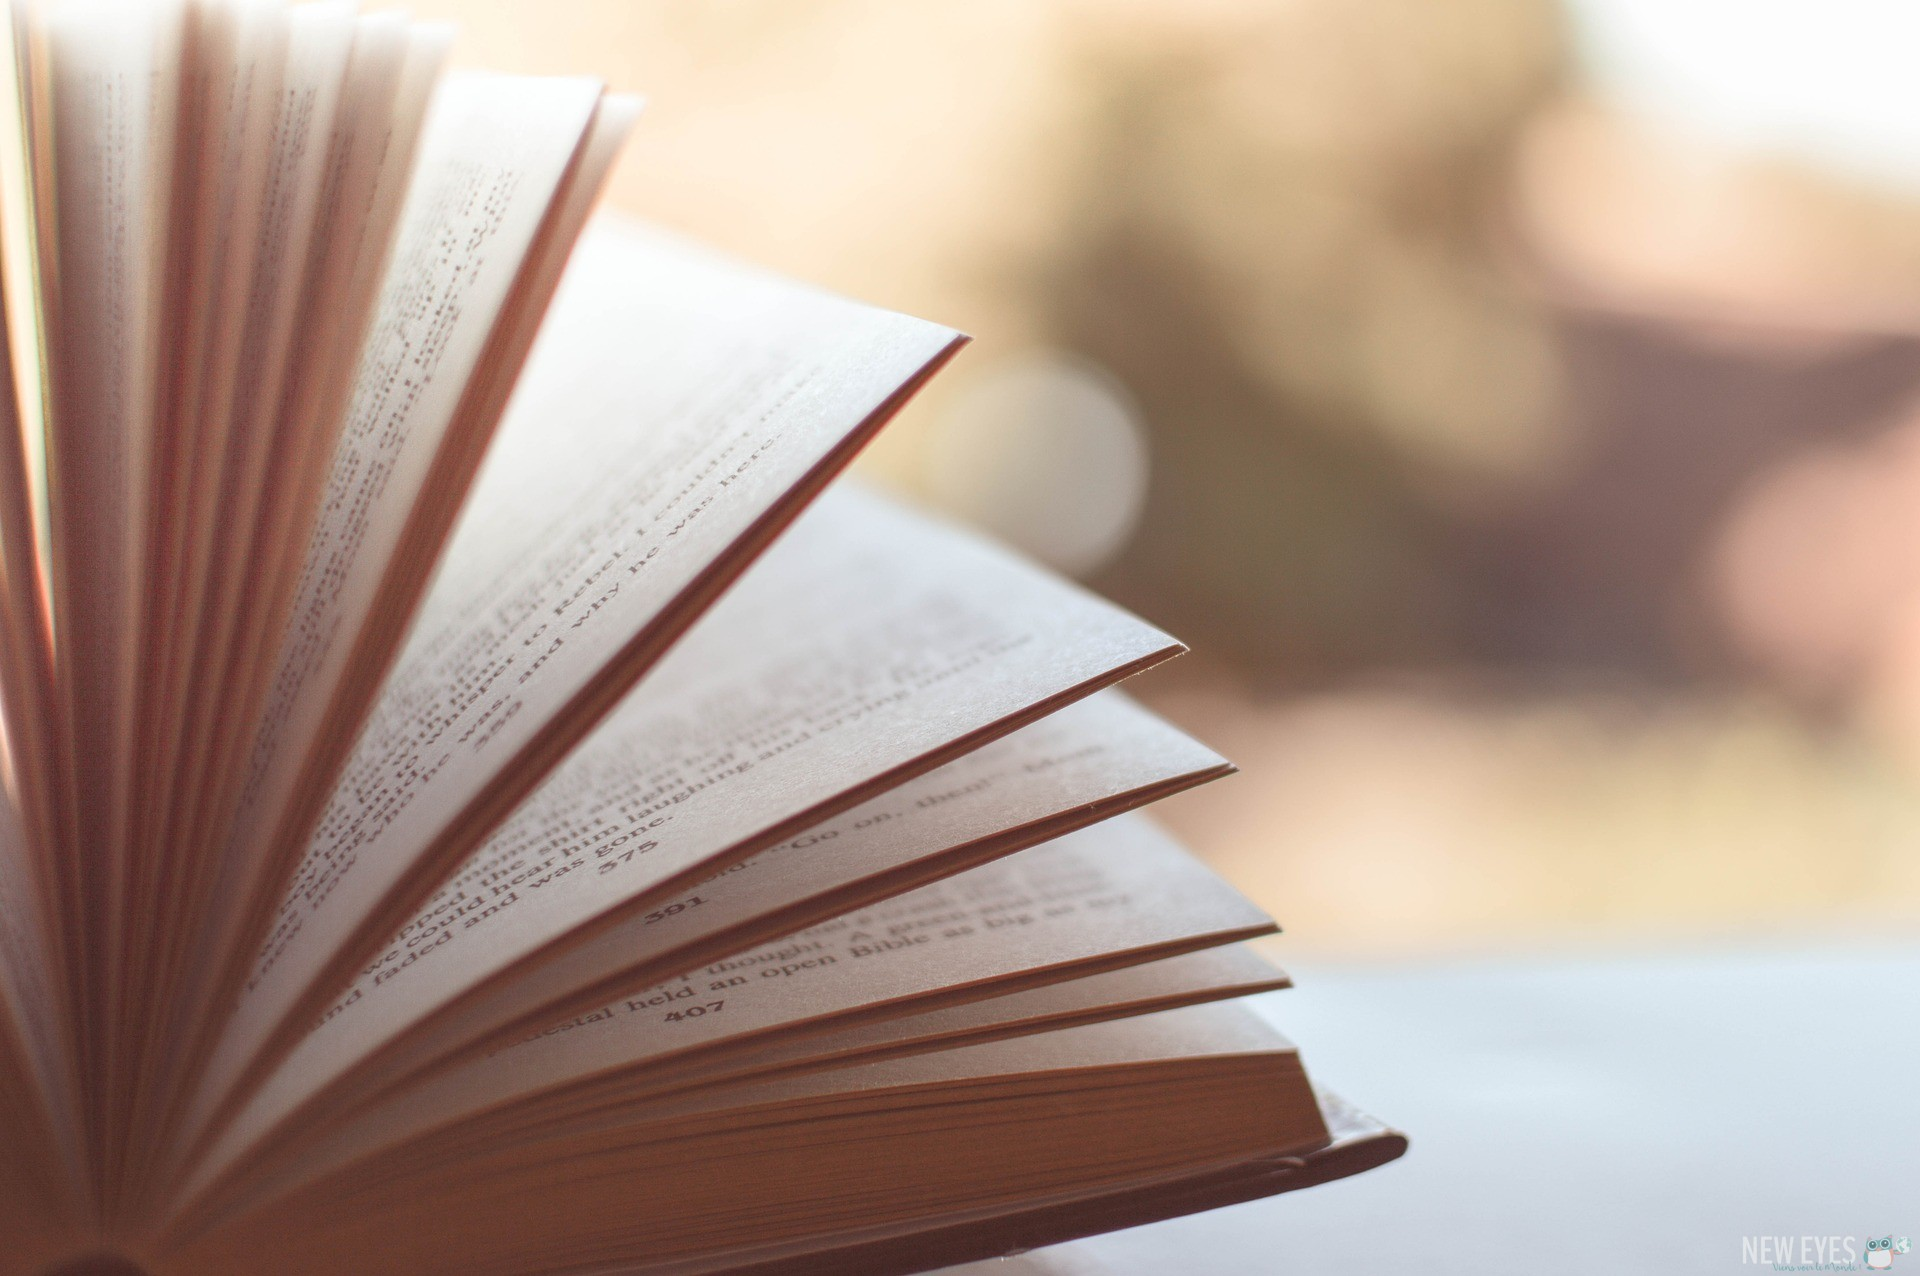 5 livres en développement personnel que j'ai lu en voyage